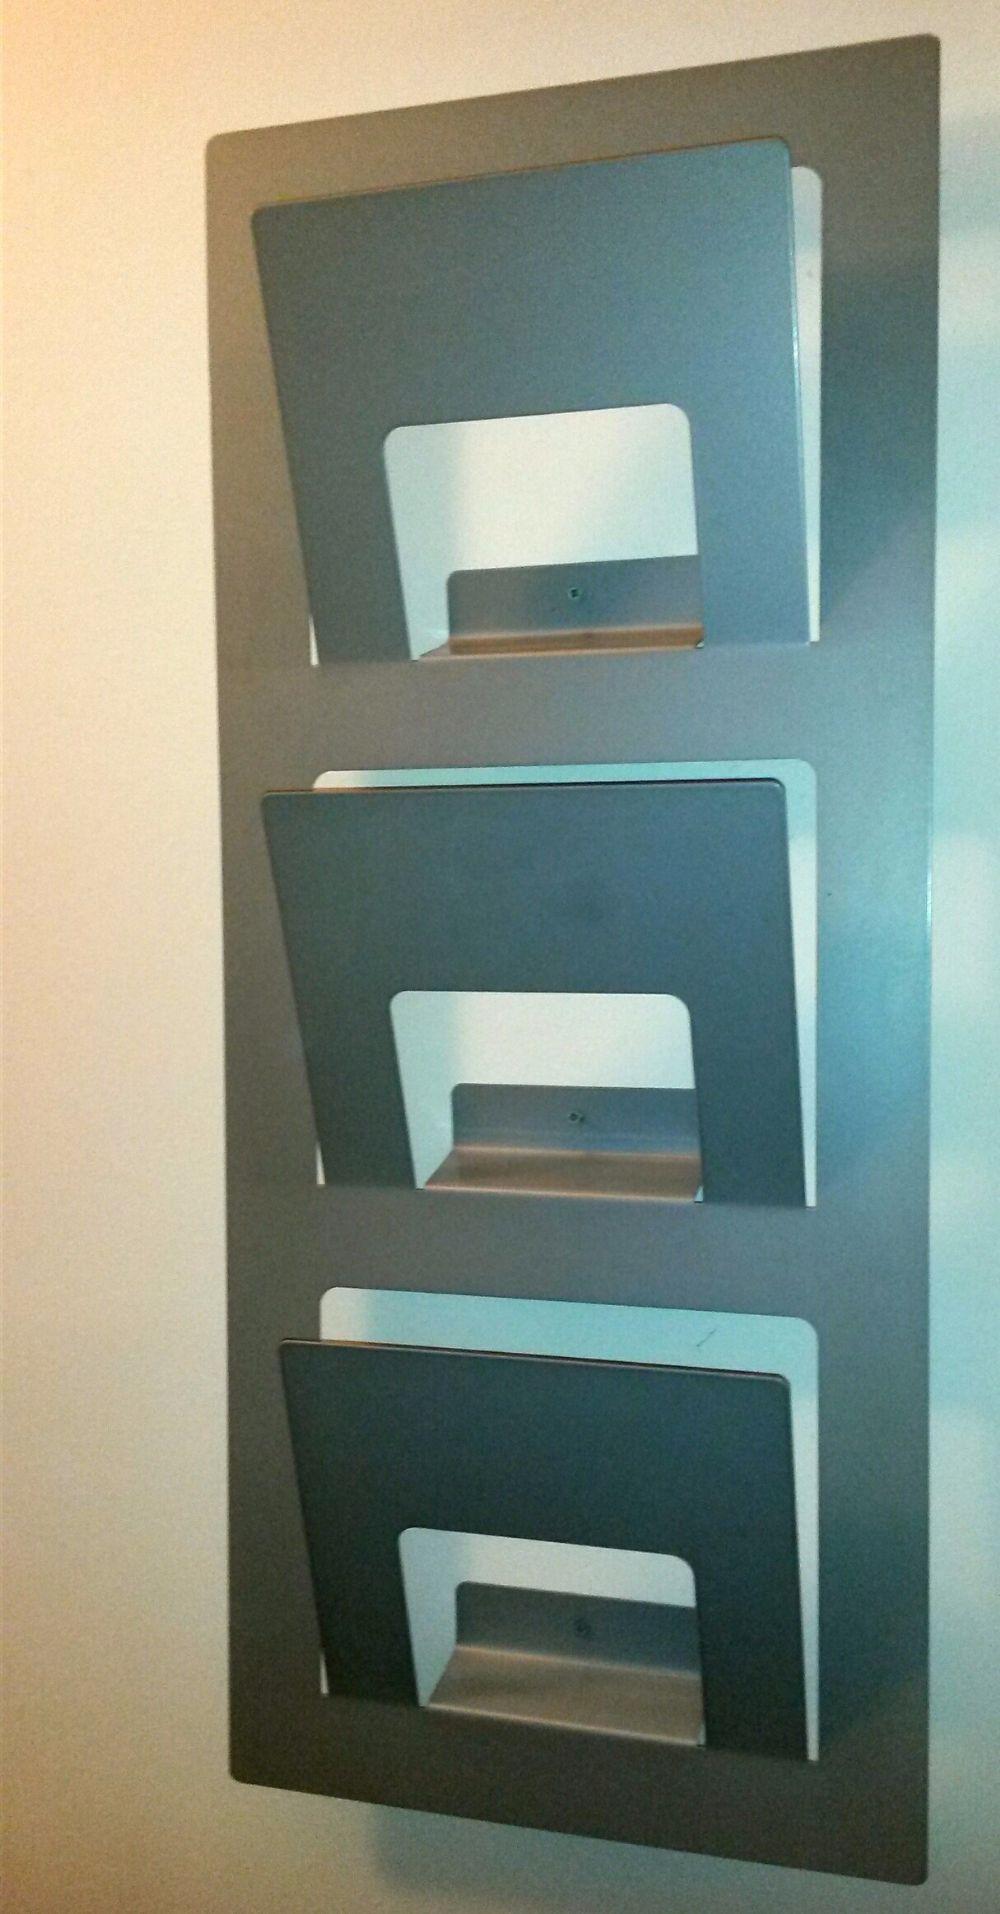 Baratto scambio portariviste spontan ikea arredamento for Ikea complementi d arredo